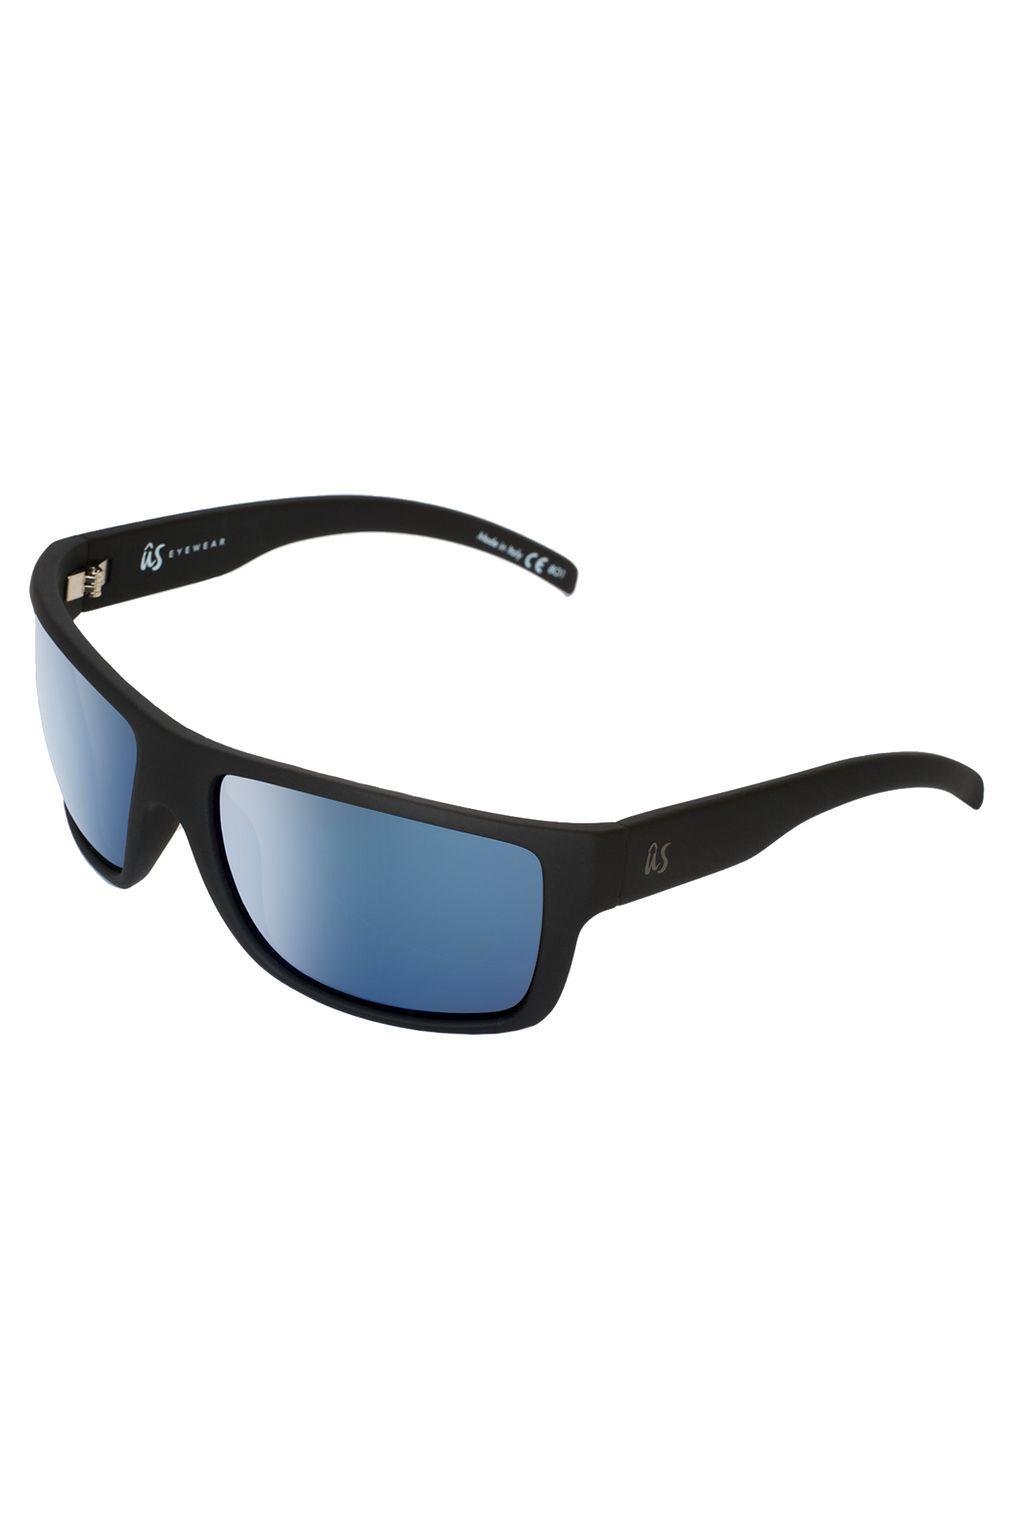 US Sunglasses TATOU Matte Black/Grey Blue Chrome